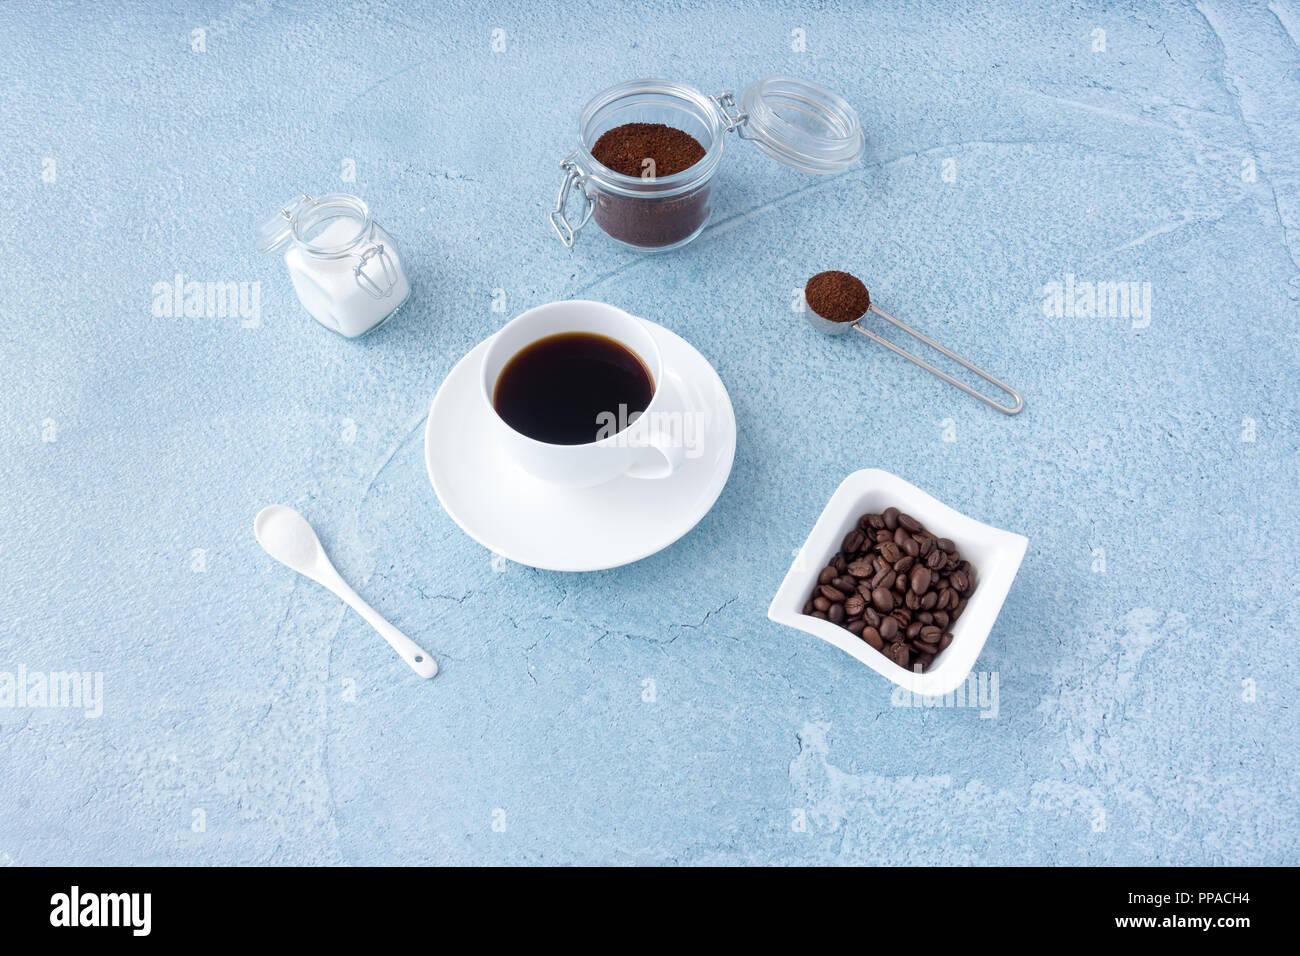 Taza llena de café, azúcar, café molido y café en granos azul de fondo concreta. Imagen De Stock